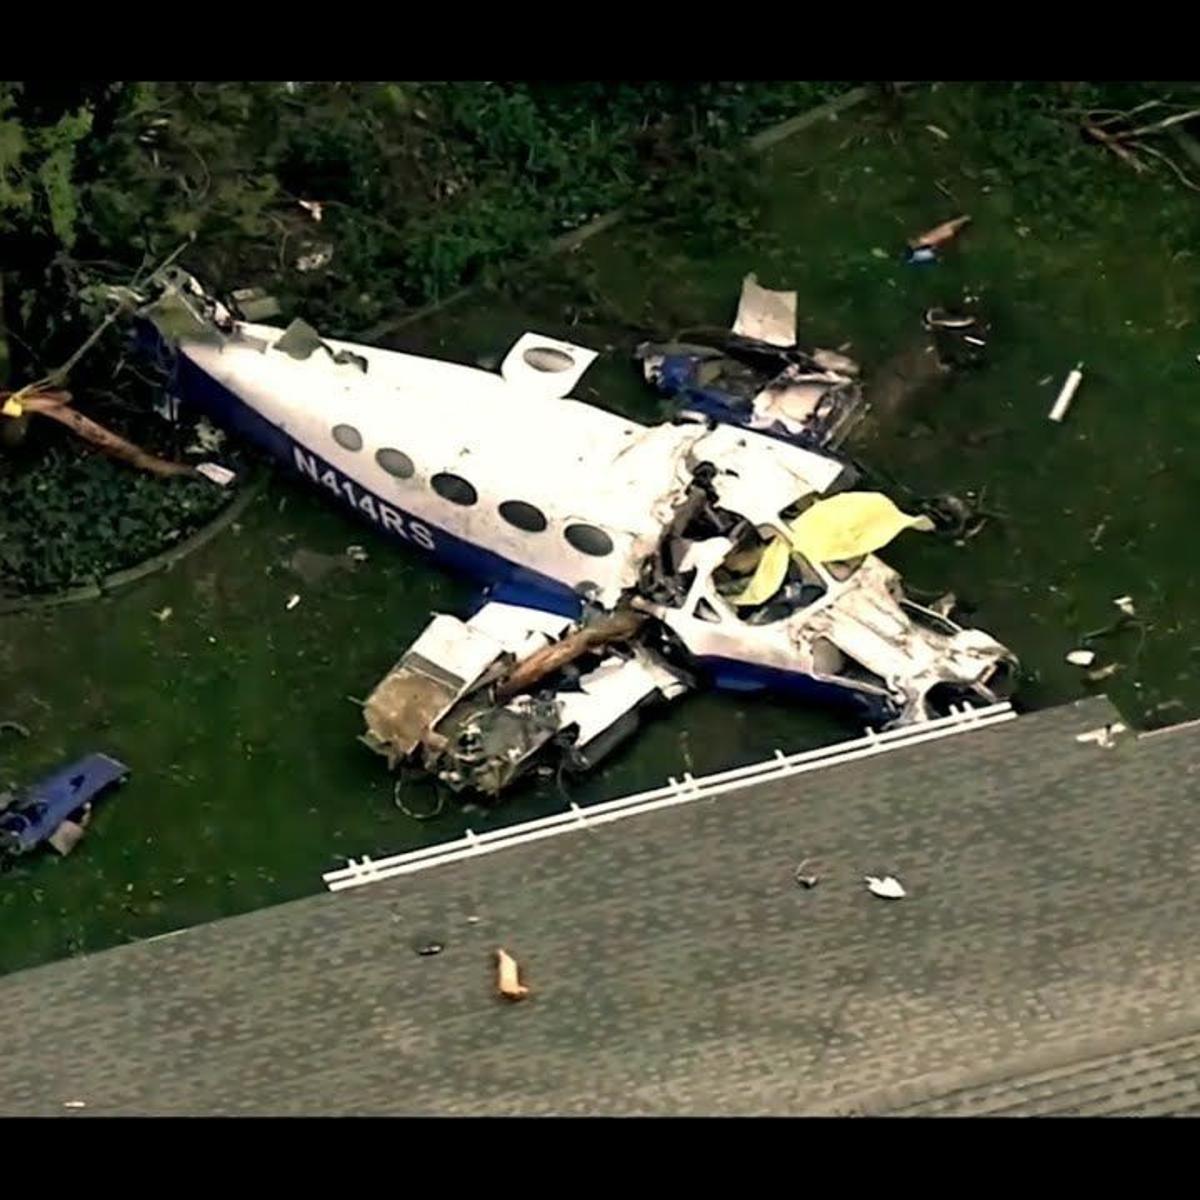 Local questions arise over LA aircraft crash | Local News